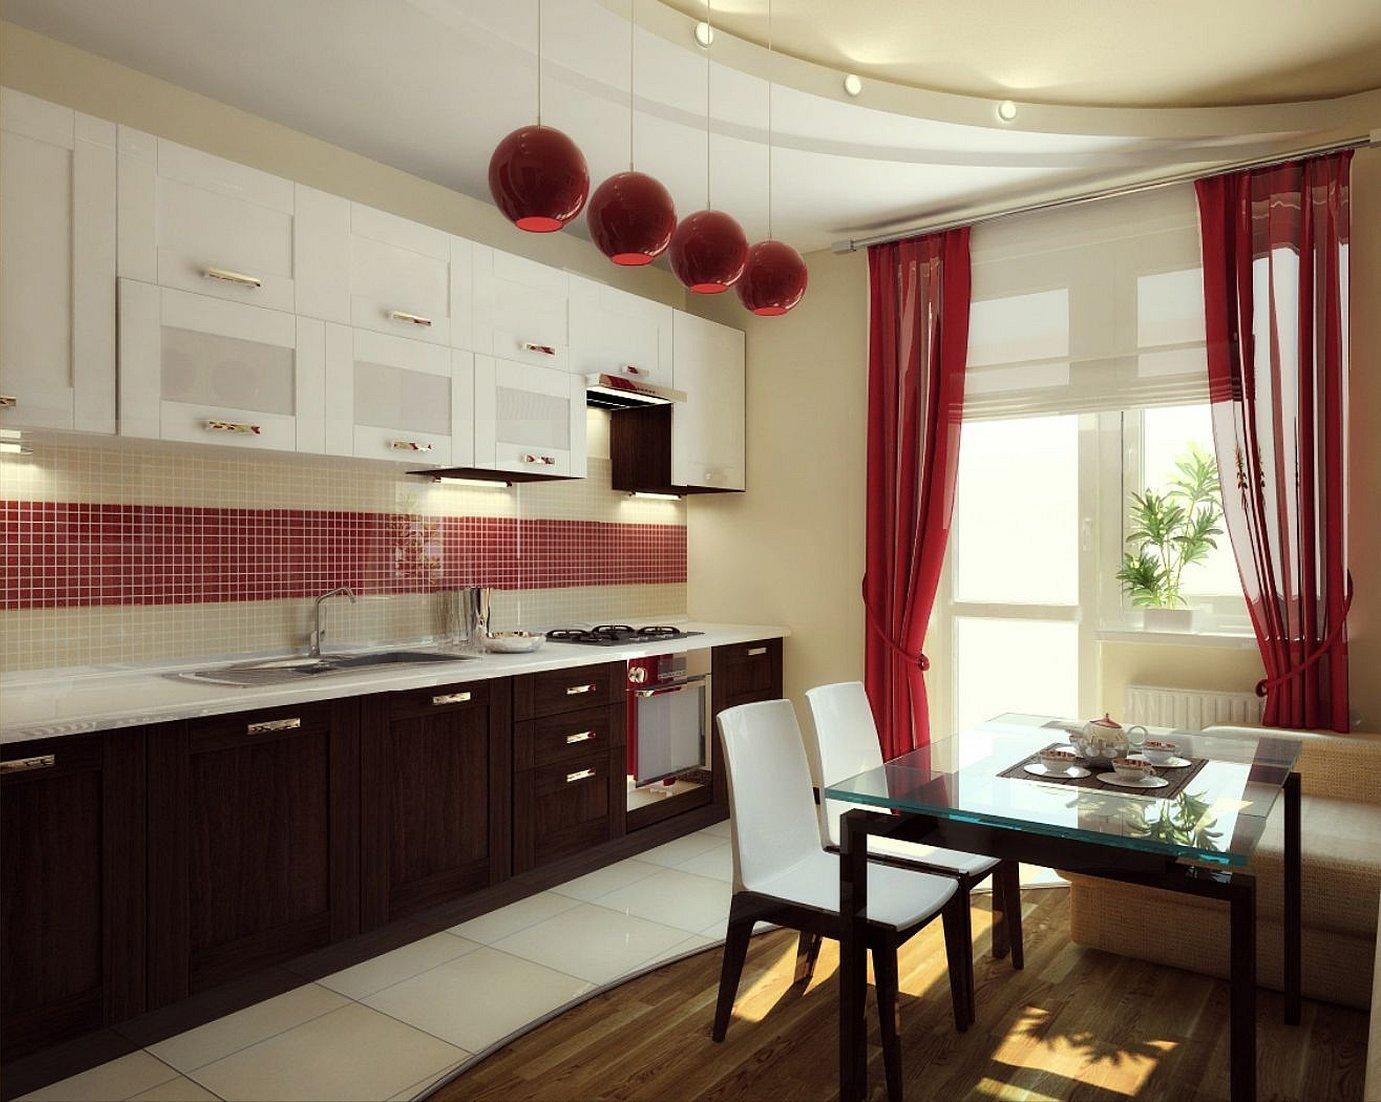 Бордовая кухня в интерьере какие шторы подойдут